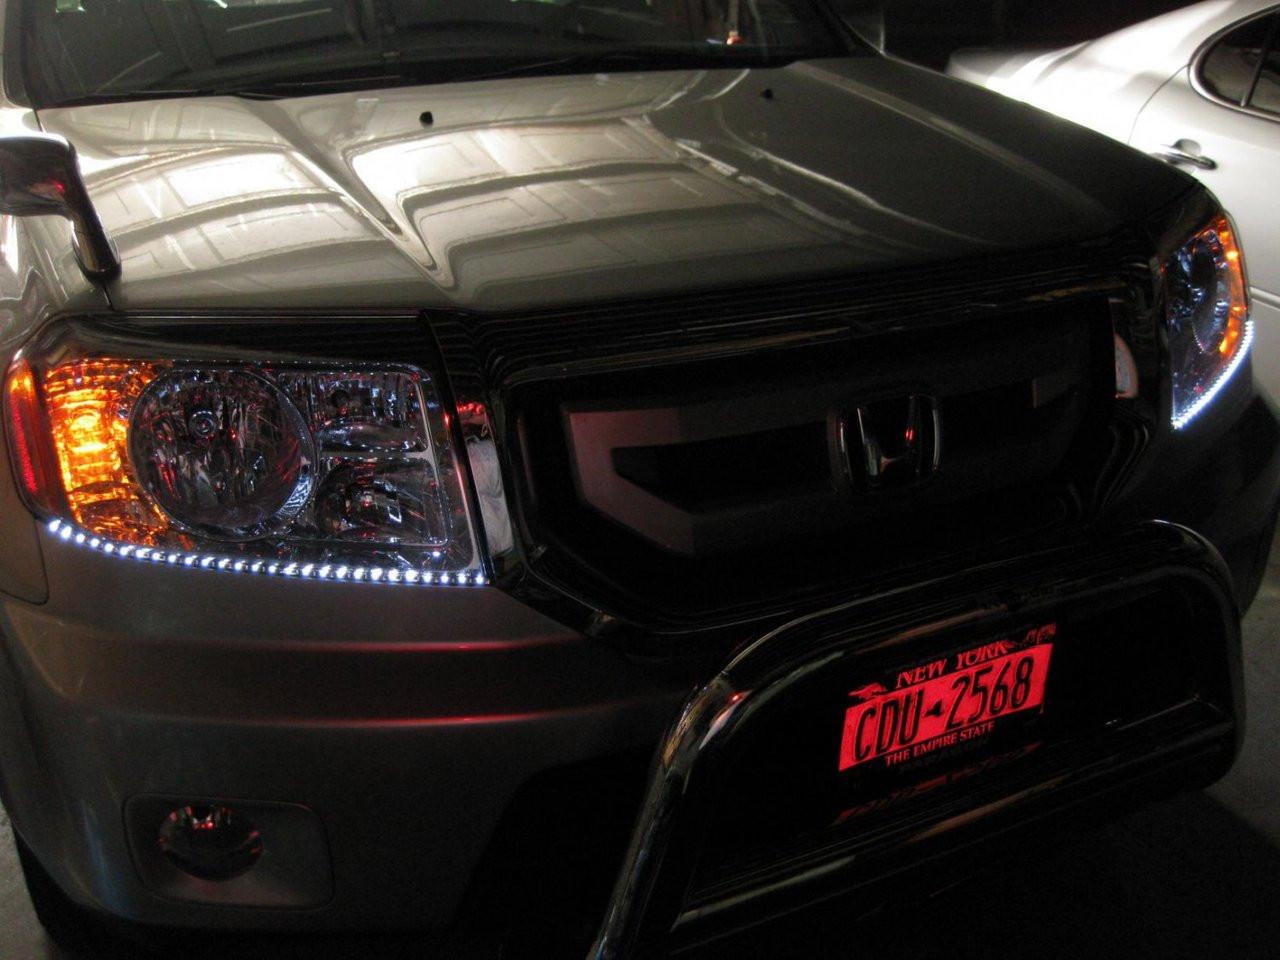 Honda Pilot LED DRL Head Light Strips Daytime Running Lamps